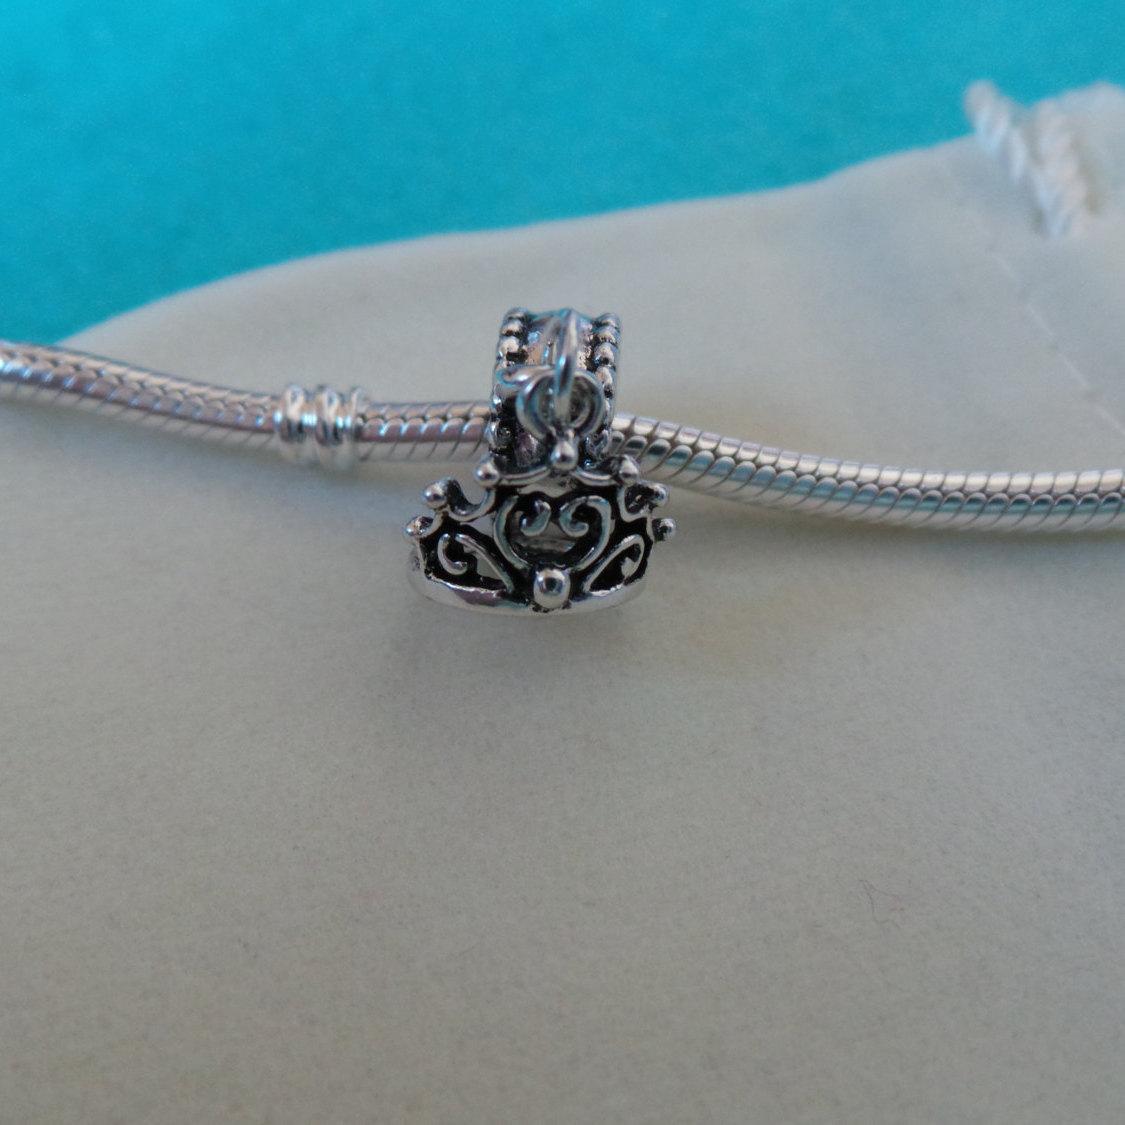 NEW Disney Princess Theme Dangle Charm - Ariel's Tiara Crown, silver plate + BAG